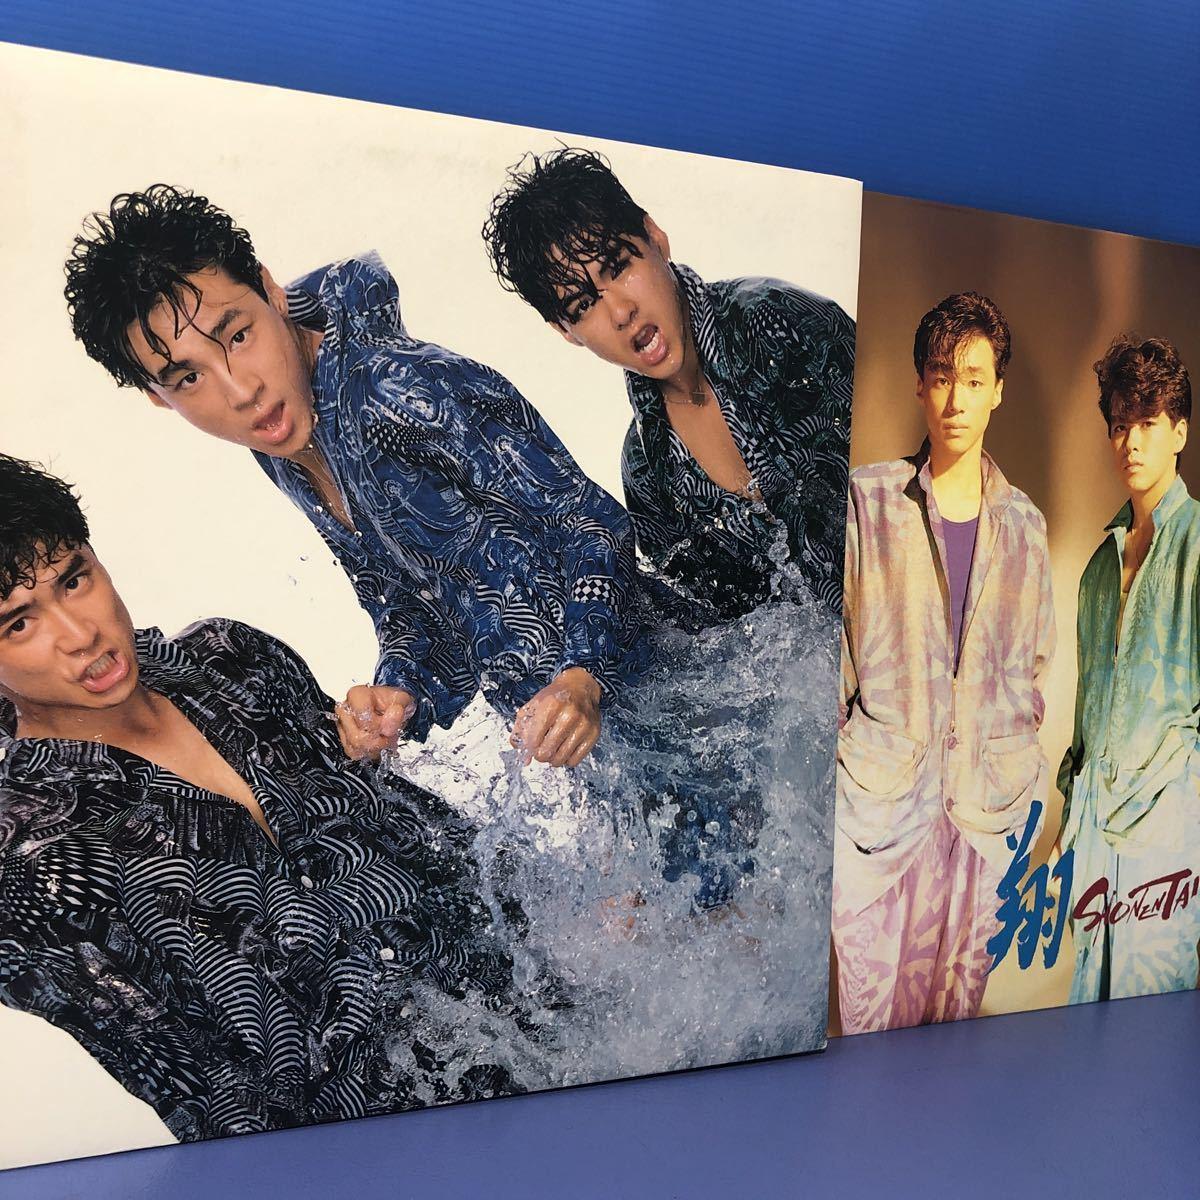 レア プロモ ポートレート付 少年隊 SHONENTAI 東山紀之 翔 LP レコード 5点以上落札で送